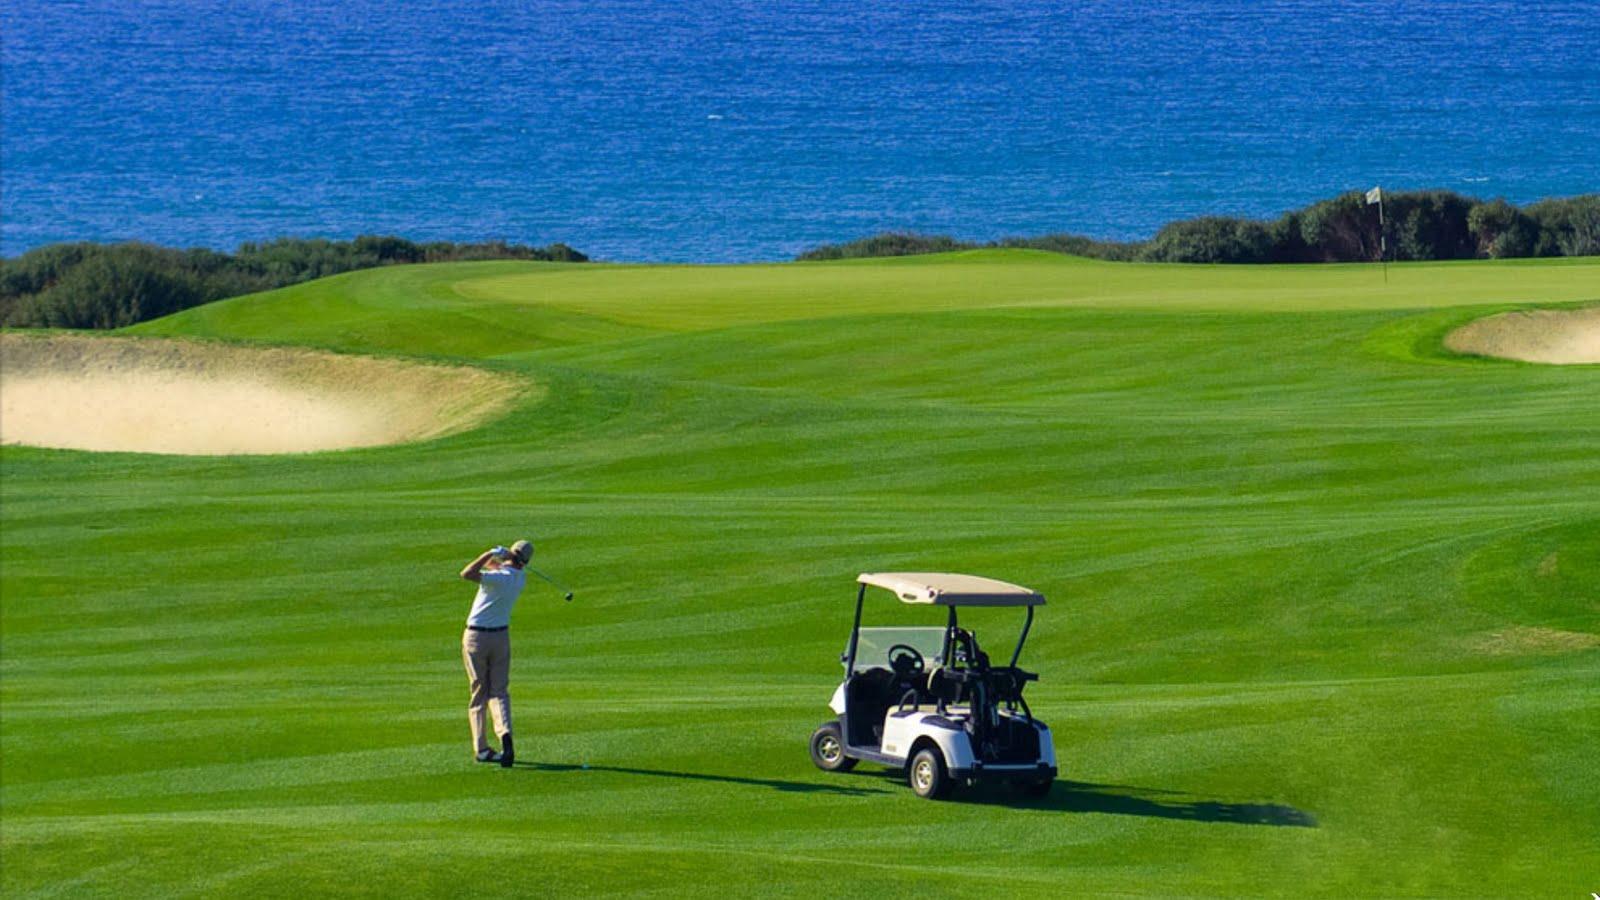 Sân Golf Quốc tế Móng Cái - địa điểm du lịch mới rất hấp dẫn